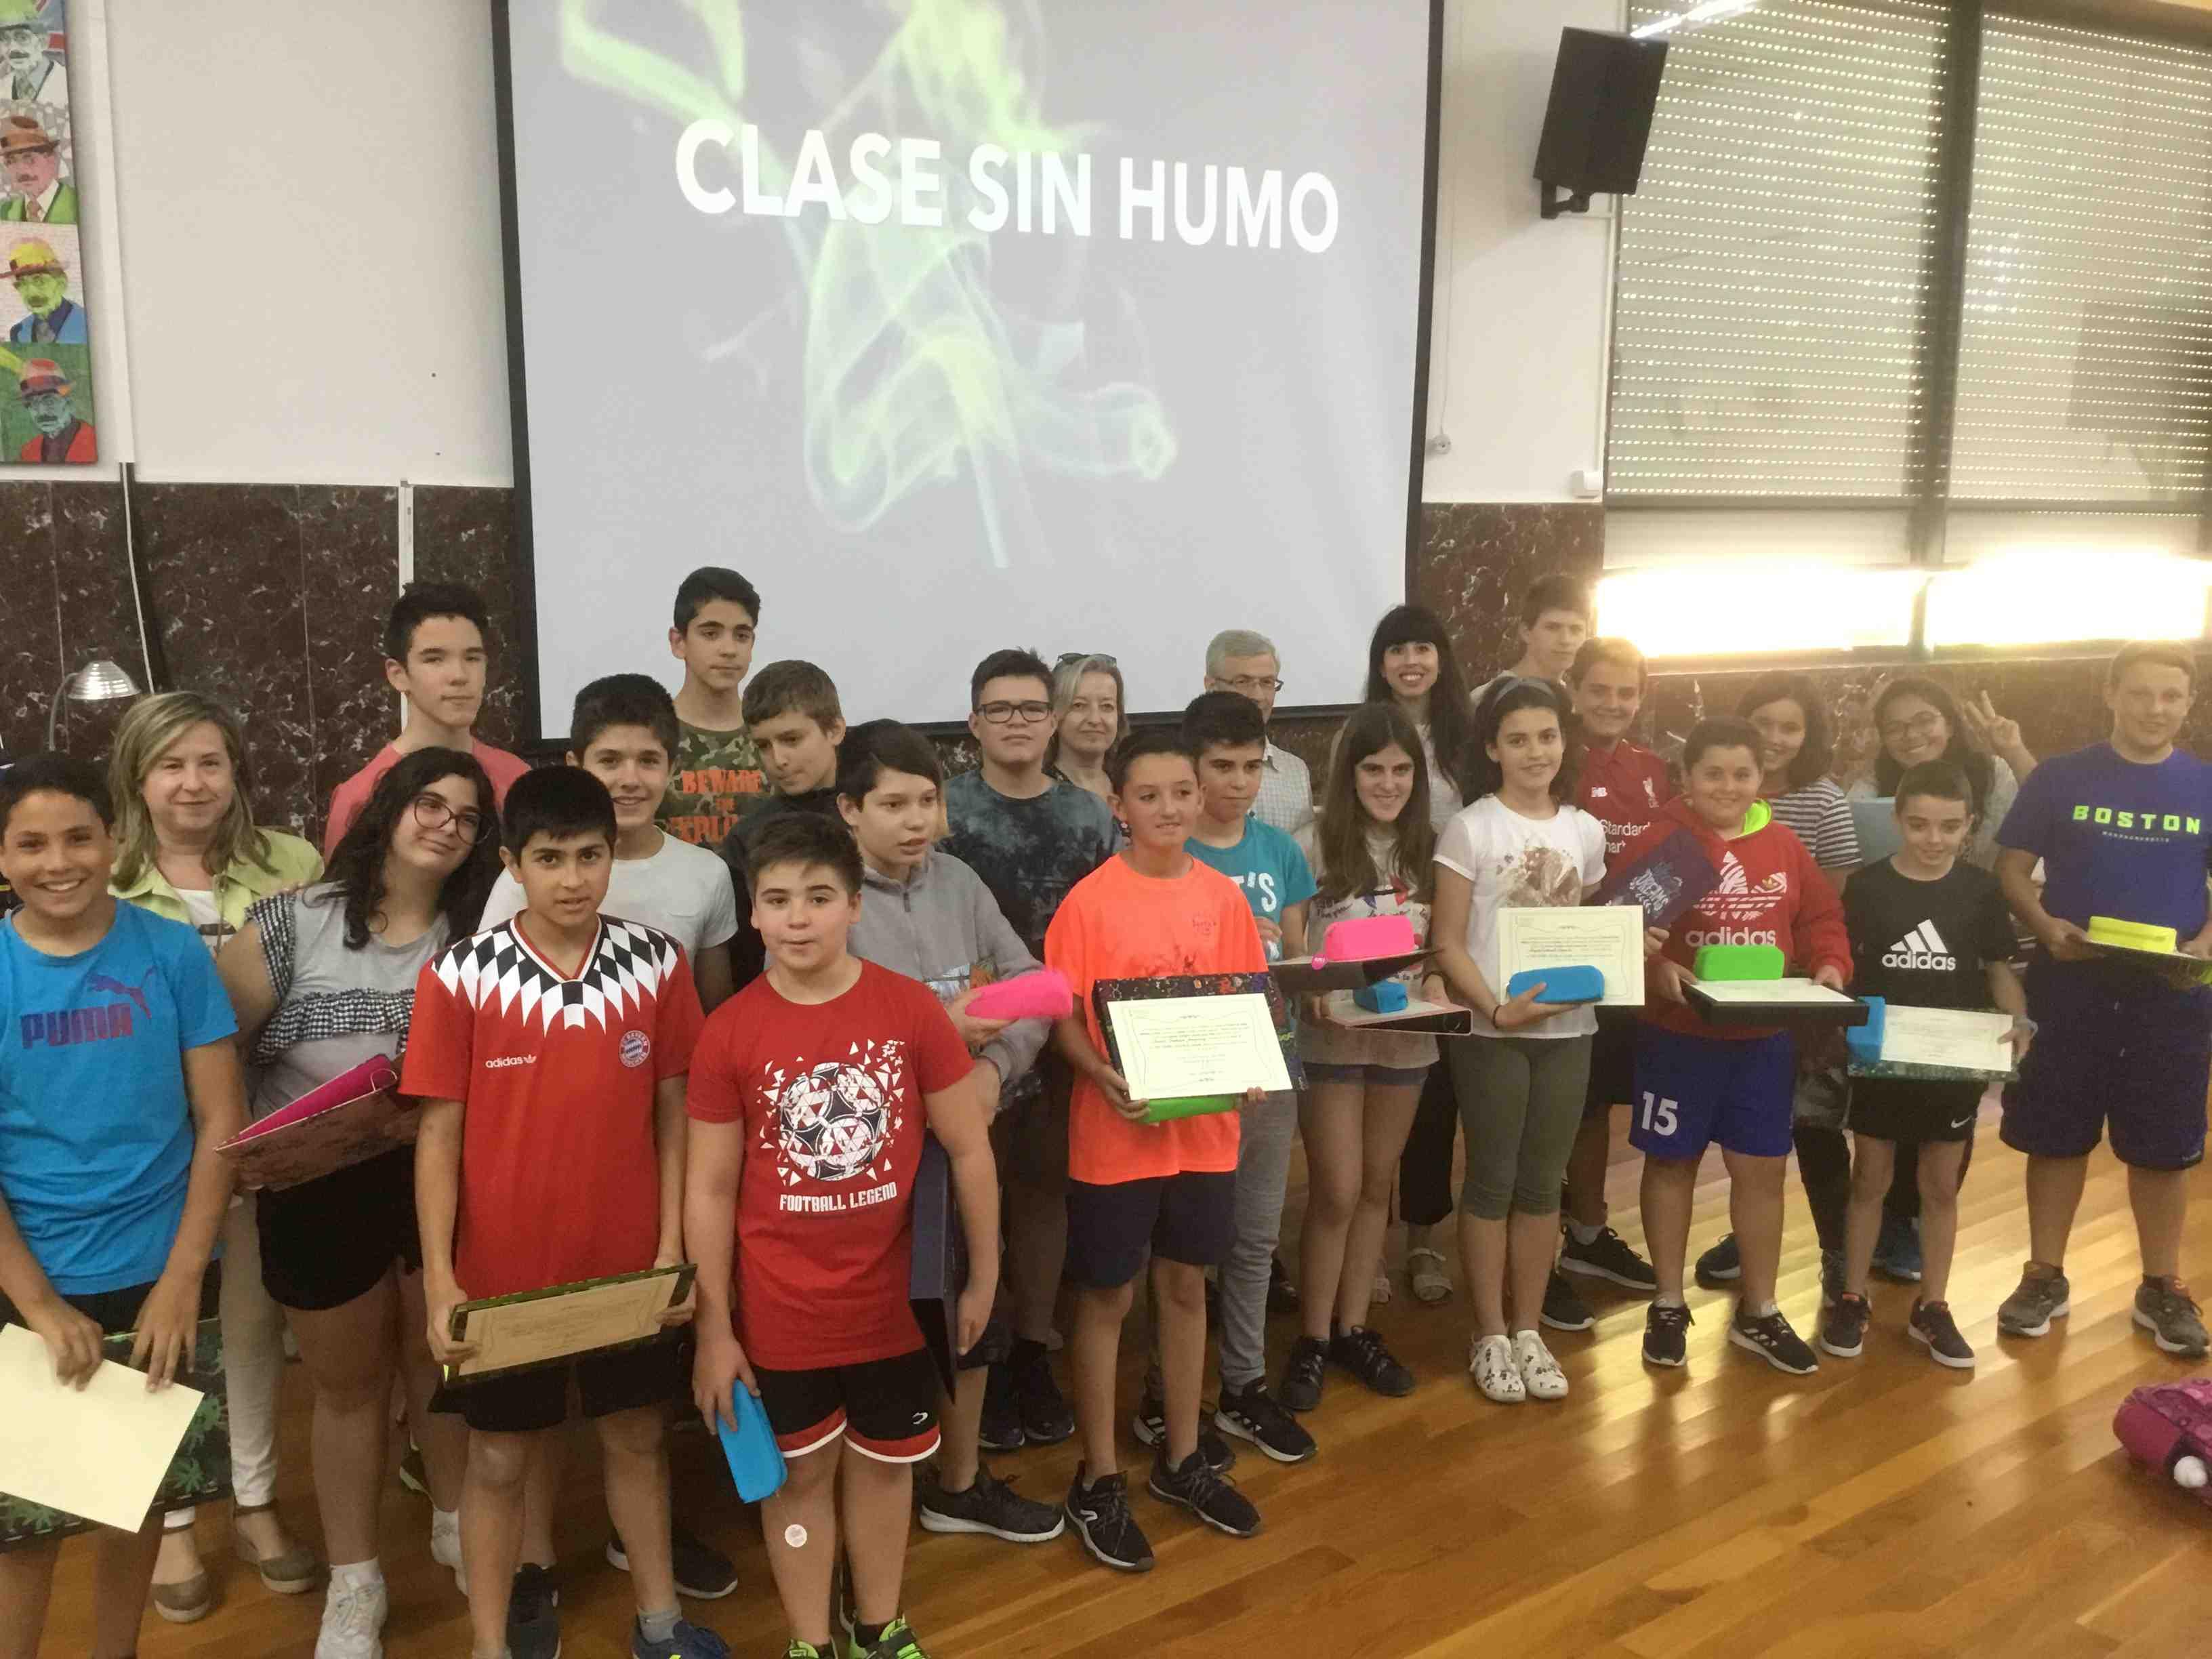 Un curtmetratge fet per alumnes de l'IES Enric Valor de Castalla guanya el Concurs Europeu Classes sense fum